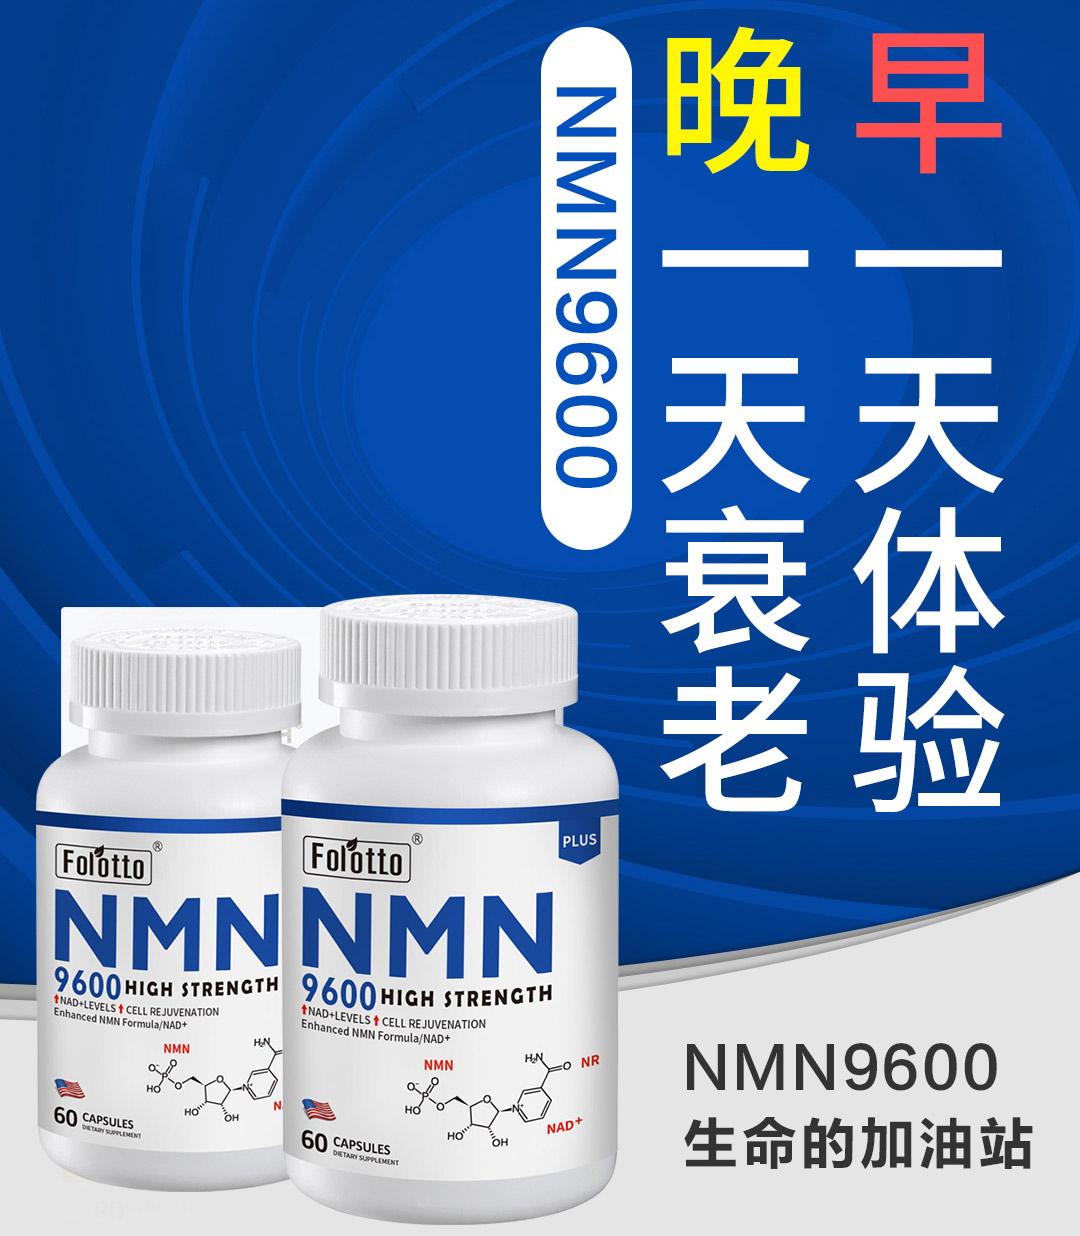 科学证明,NMN可以逆转衰老,但是怎样吃NMN才是正确的,更有效的呢?插图